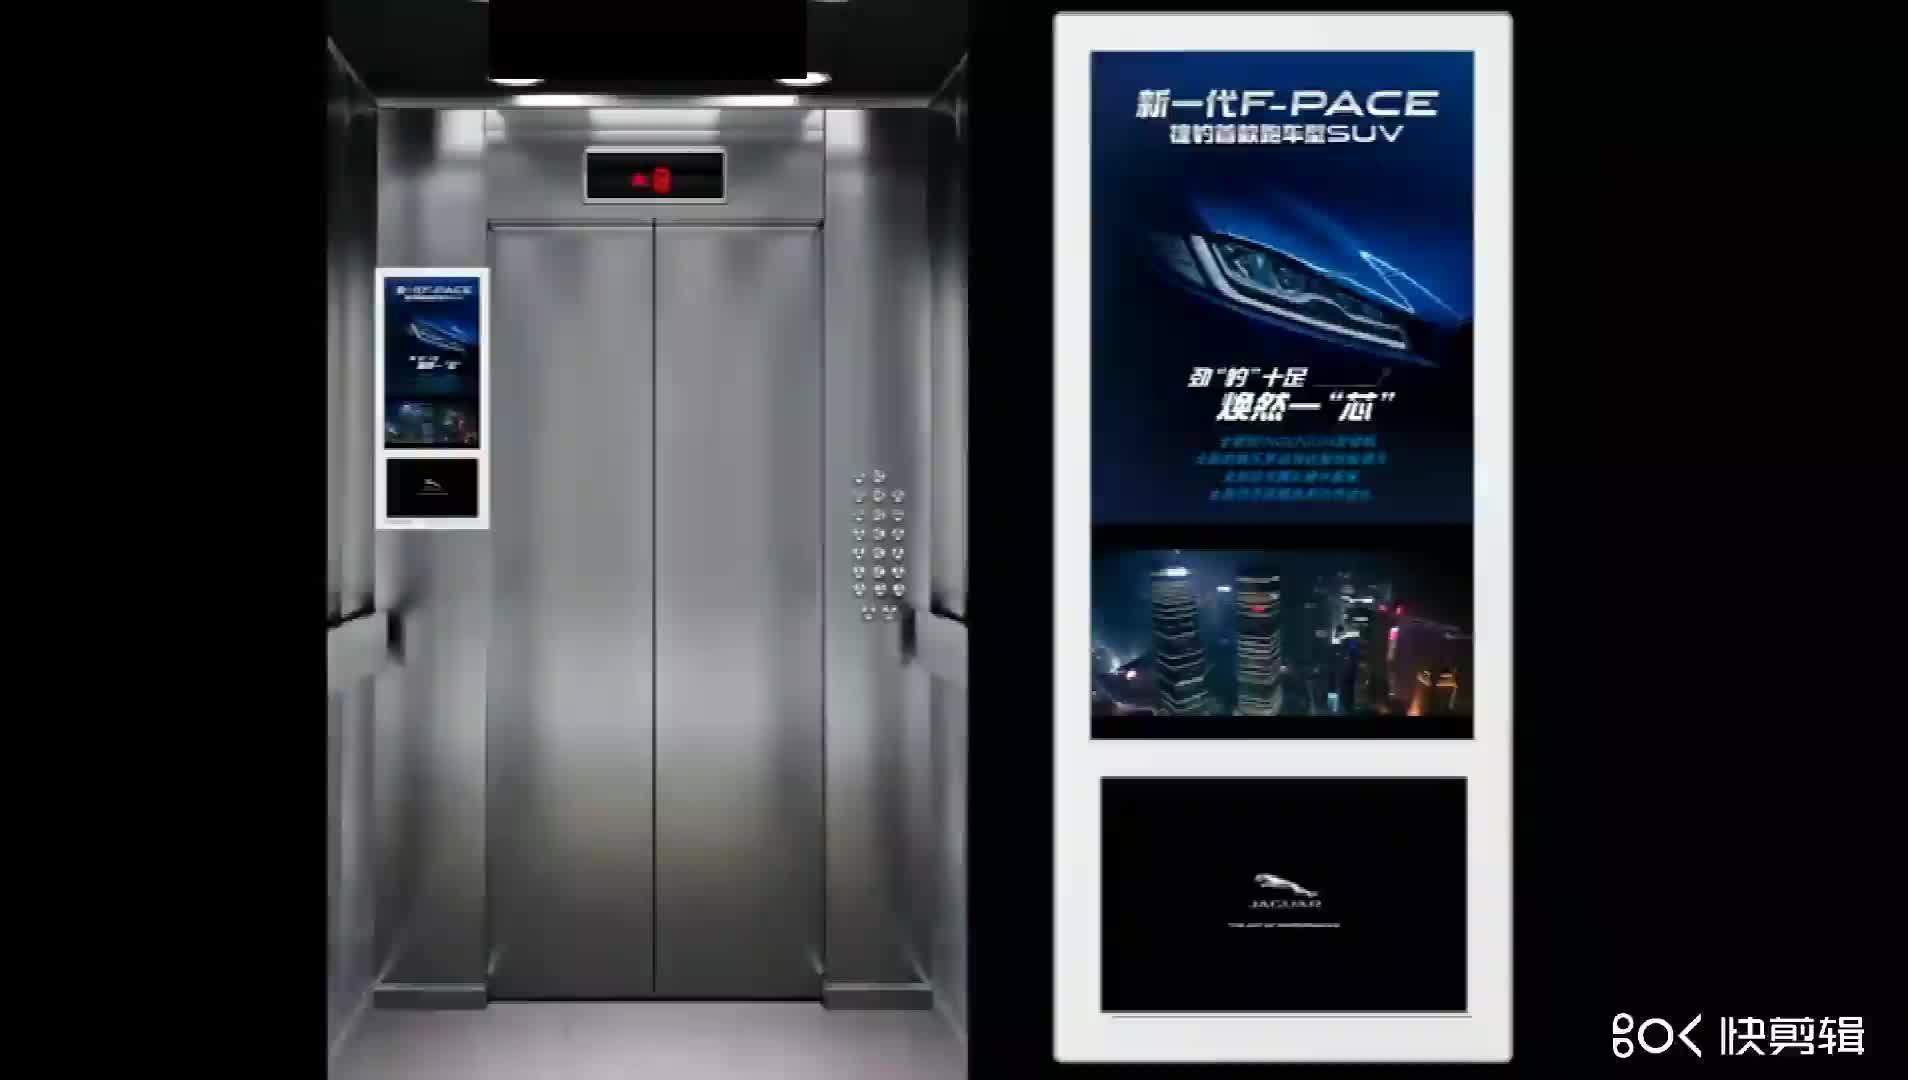 18.5 Inch Cao Giải Pháp Wall Mount LCD Kỹ Thuật Số Biển Kiosk Máy Nghe Nhạc Quảng Cáo Cho Thang Máy